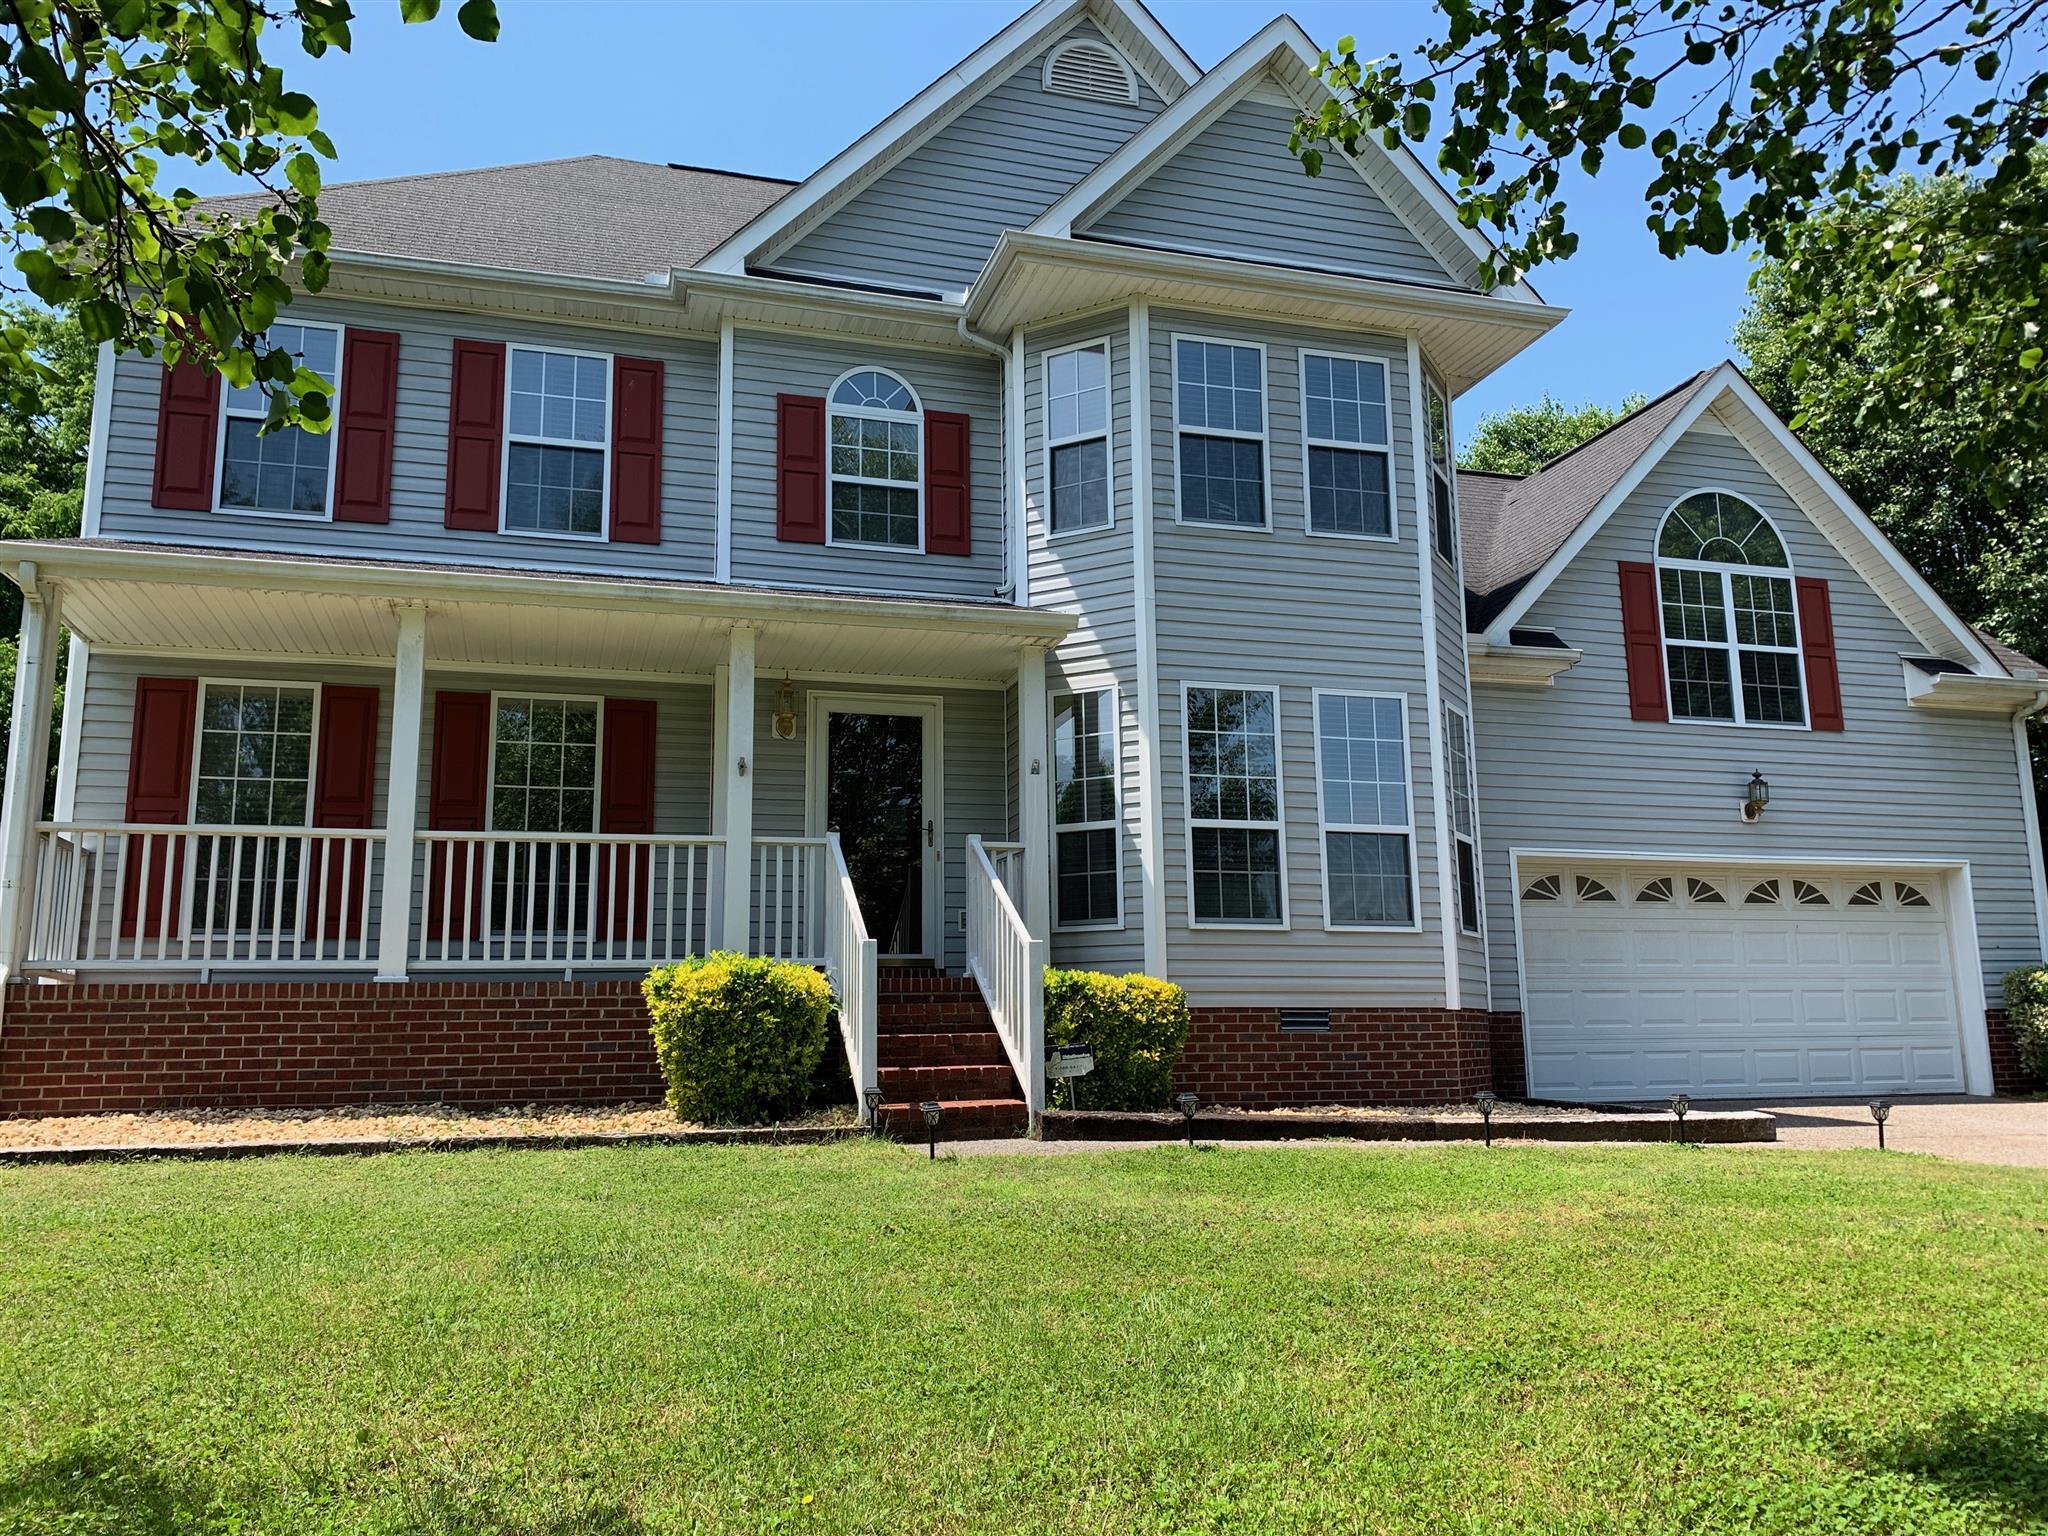 421 Dorchester Pl, Gallatin, Tennessee